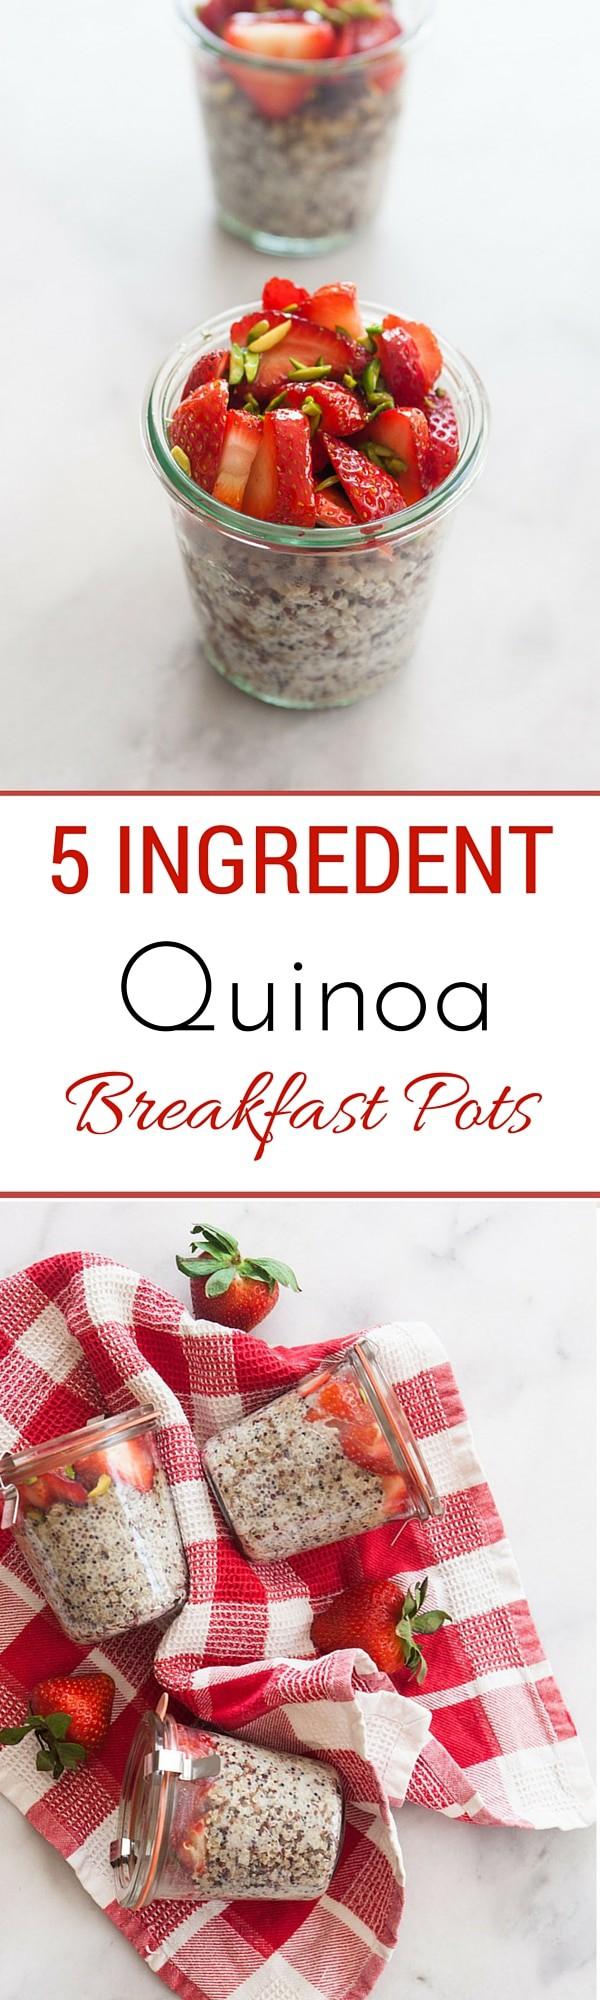 5 Ingredient Quinoa Breakfast Pots